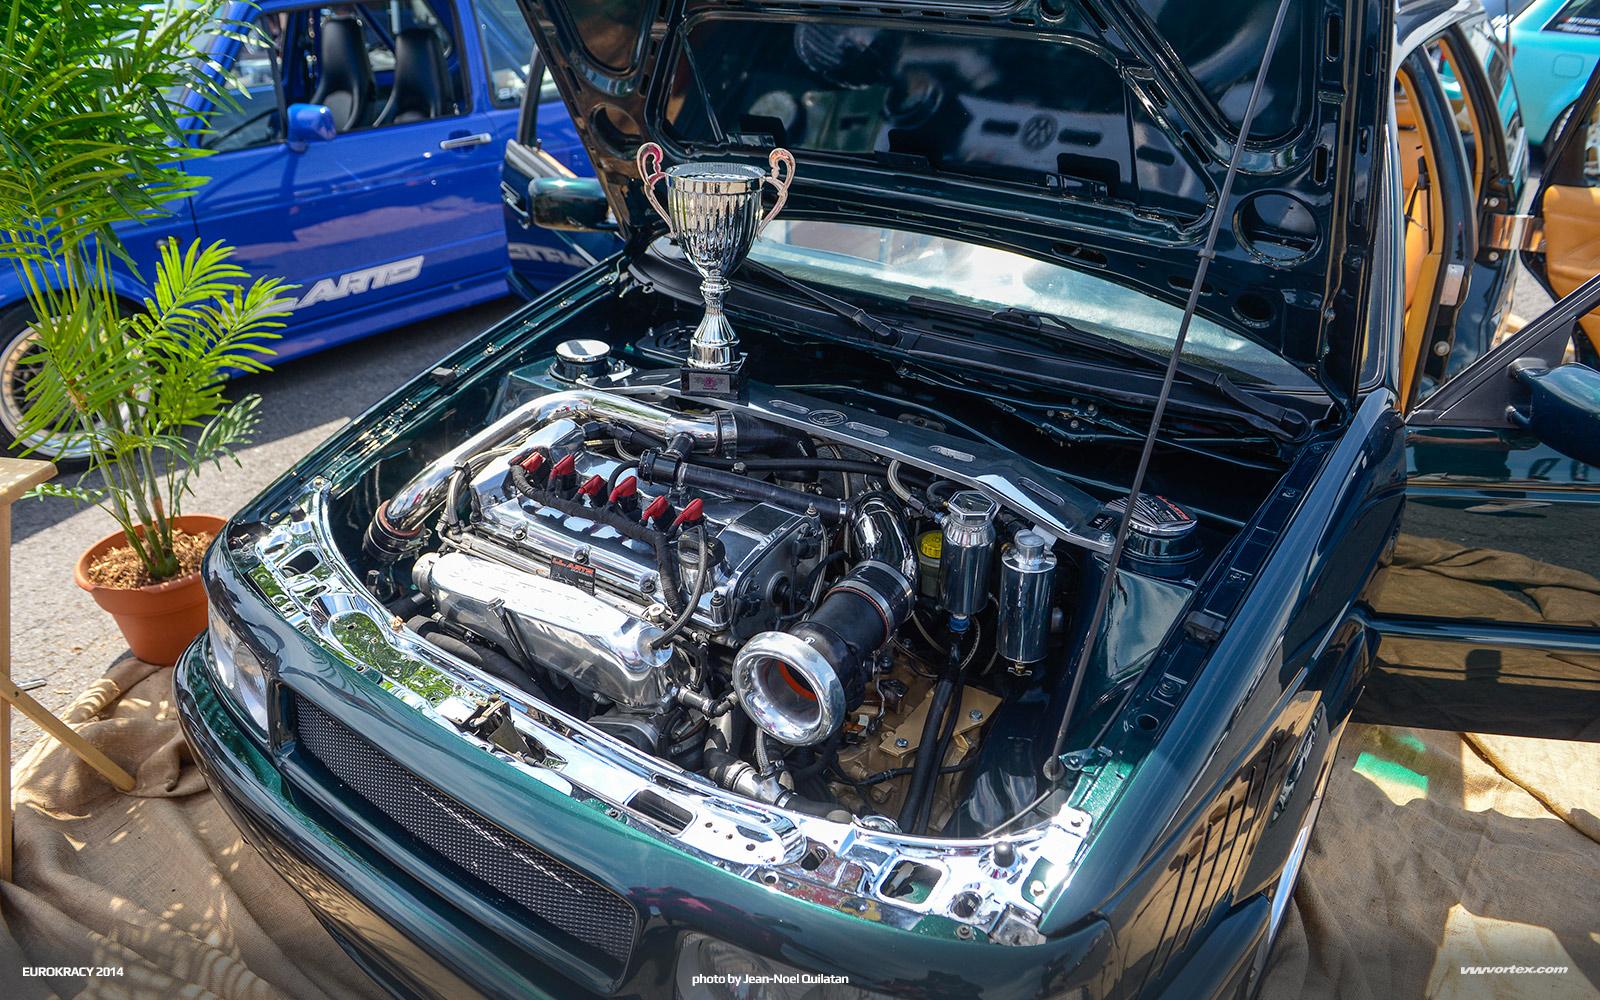 Audi AS5 Sportback A5 S5 Abt Sportsline Dark 728 600x300 photo